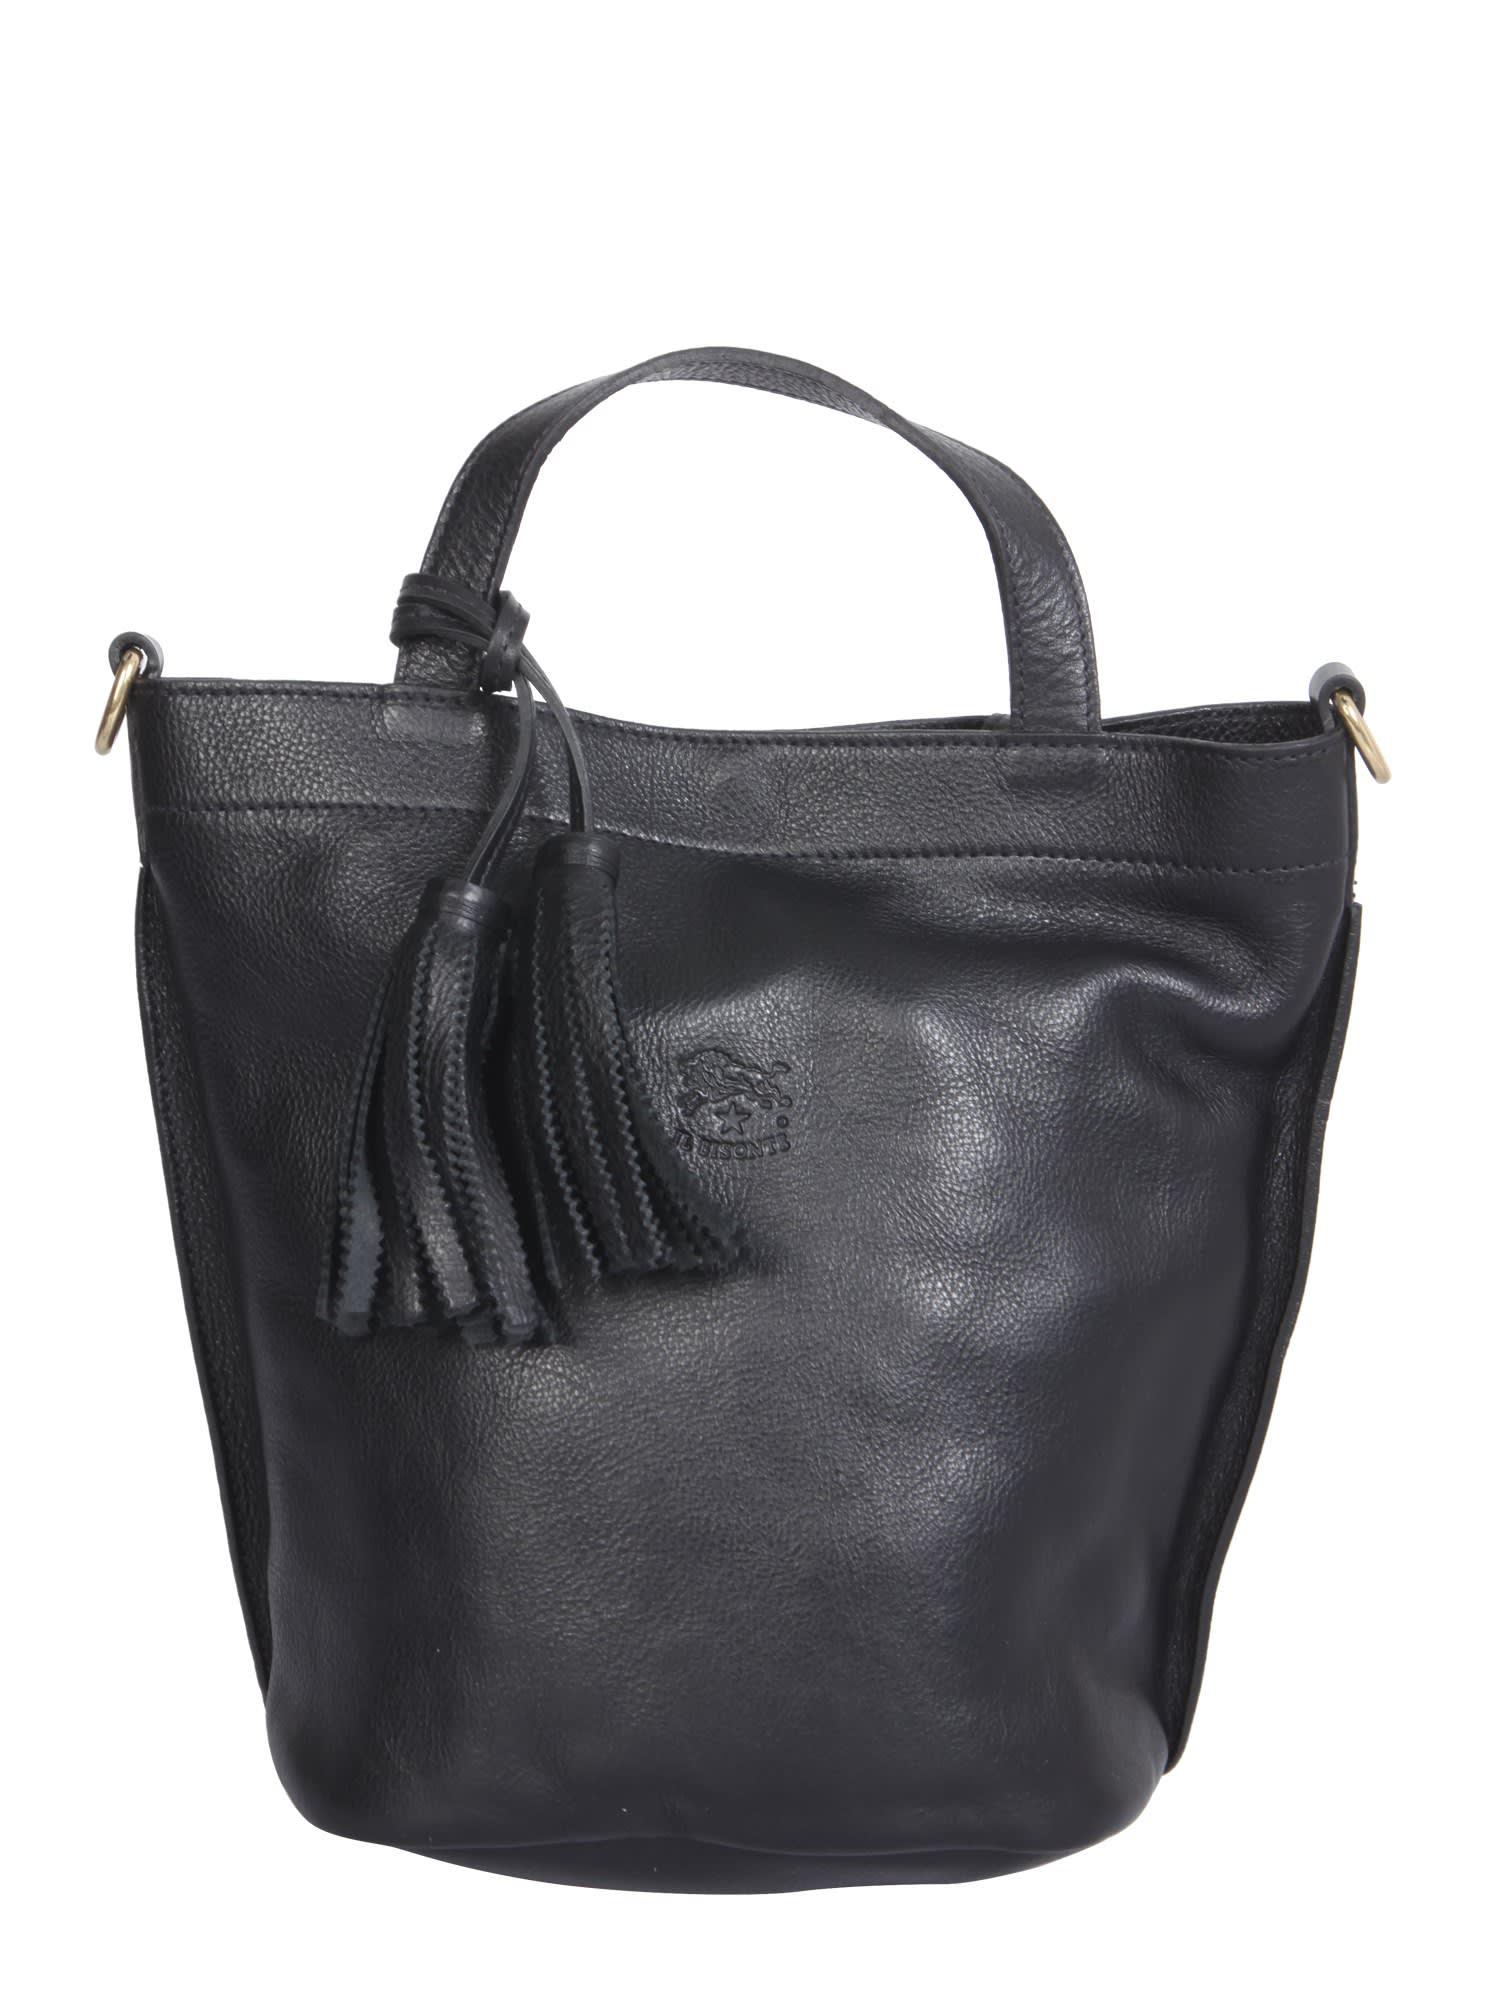 Stibbert Handbag